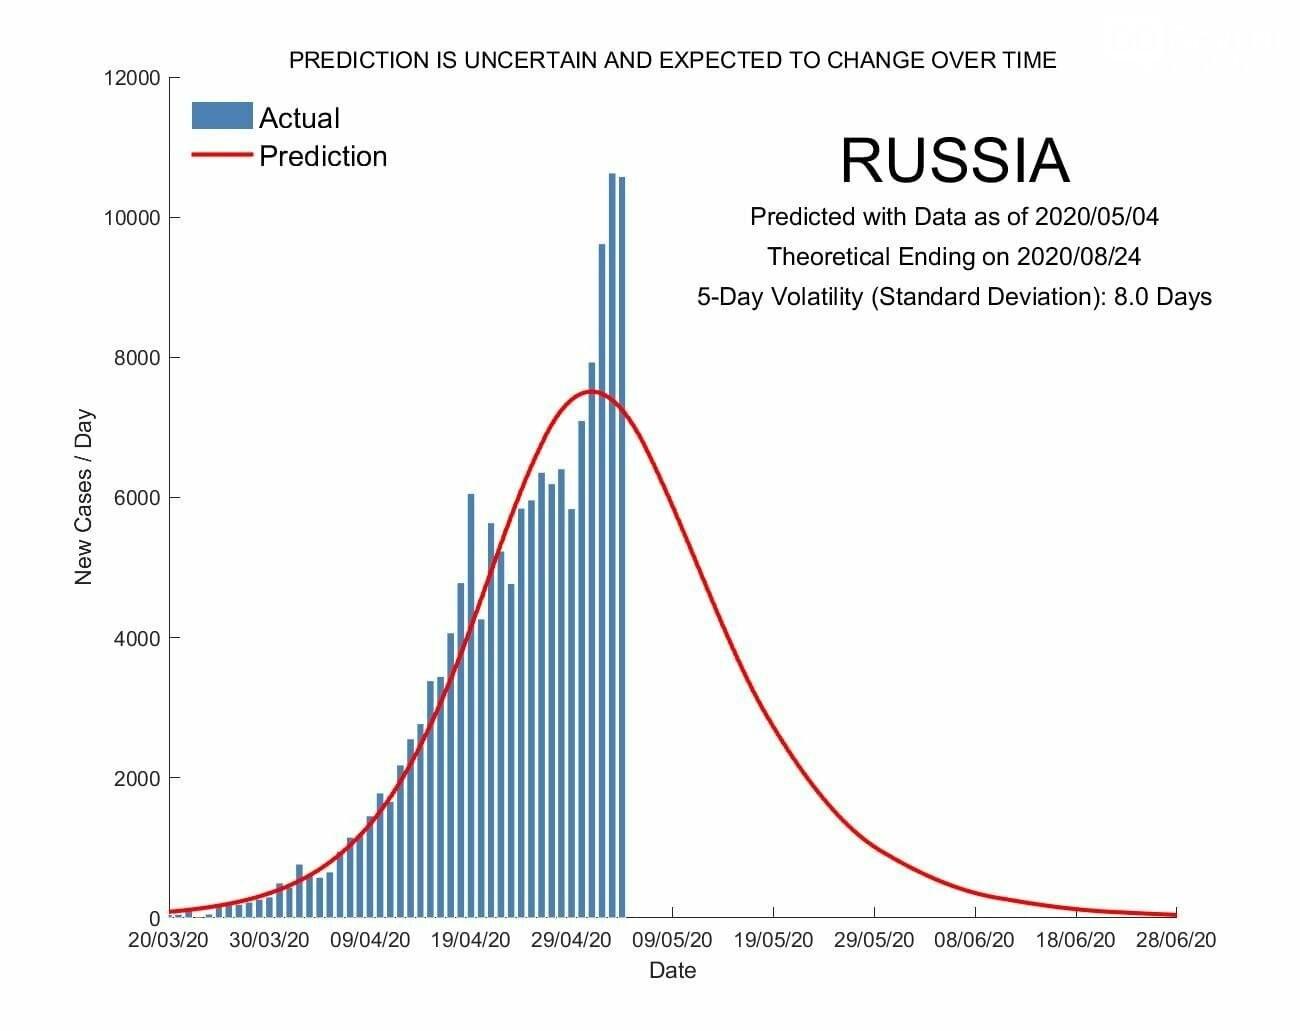 Димитровградцы могут посмотреть прогноз окончания пандемии, фото-1